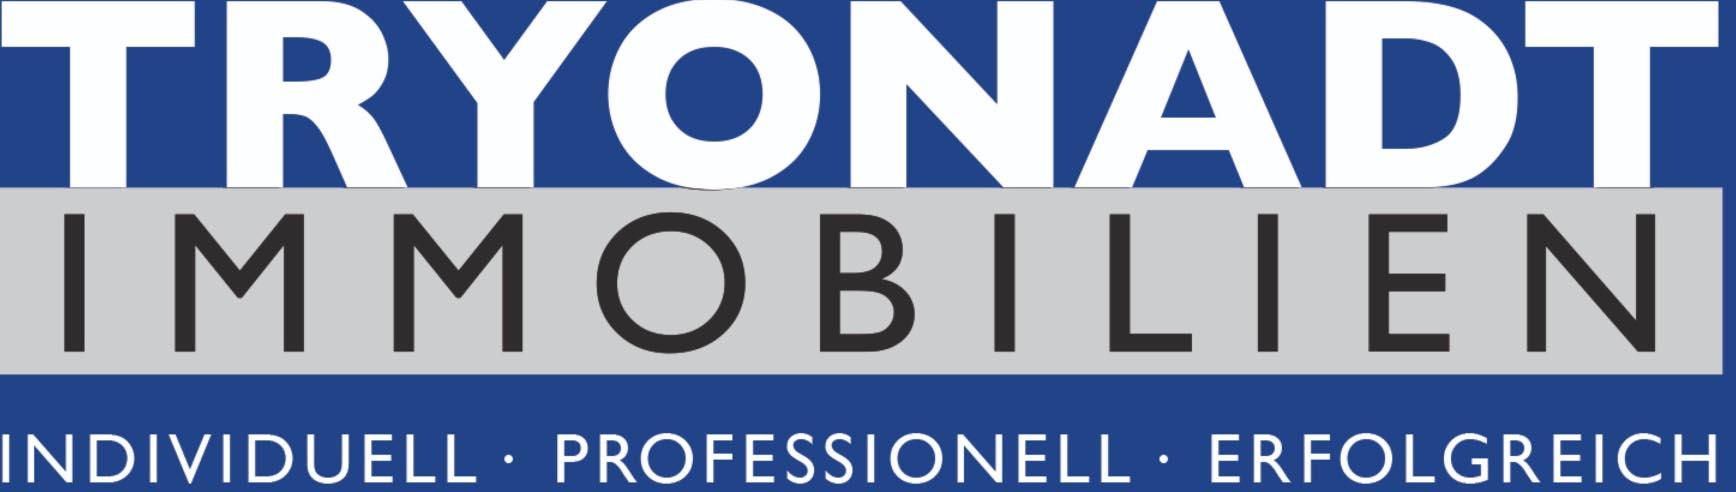 Logo Tryonadt Immobilien Berlin